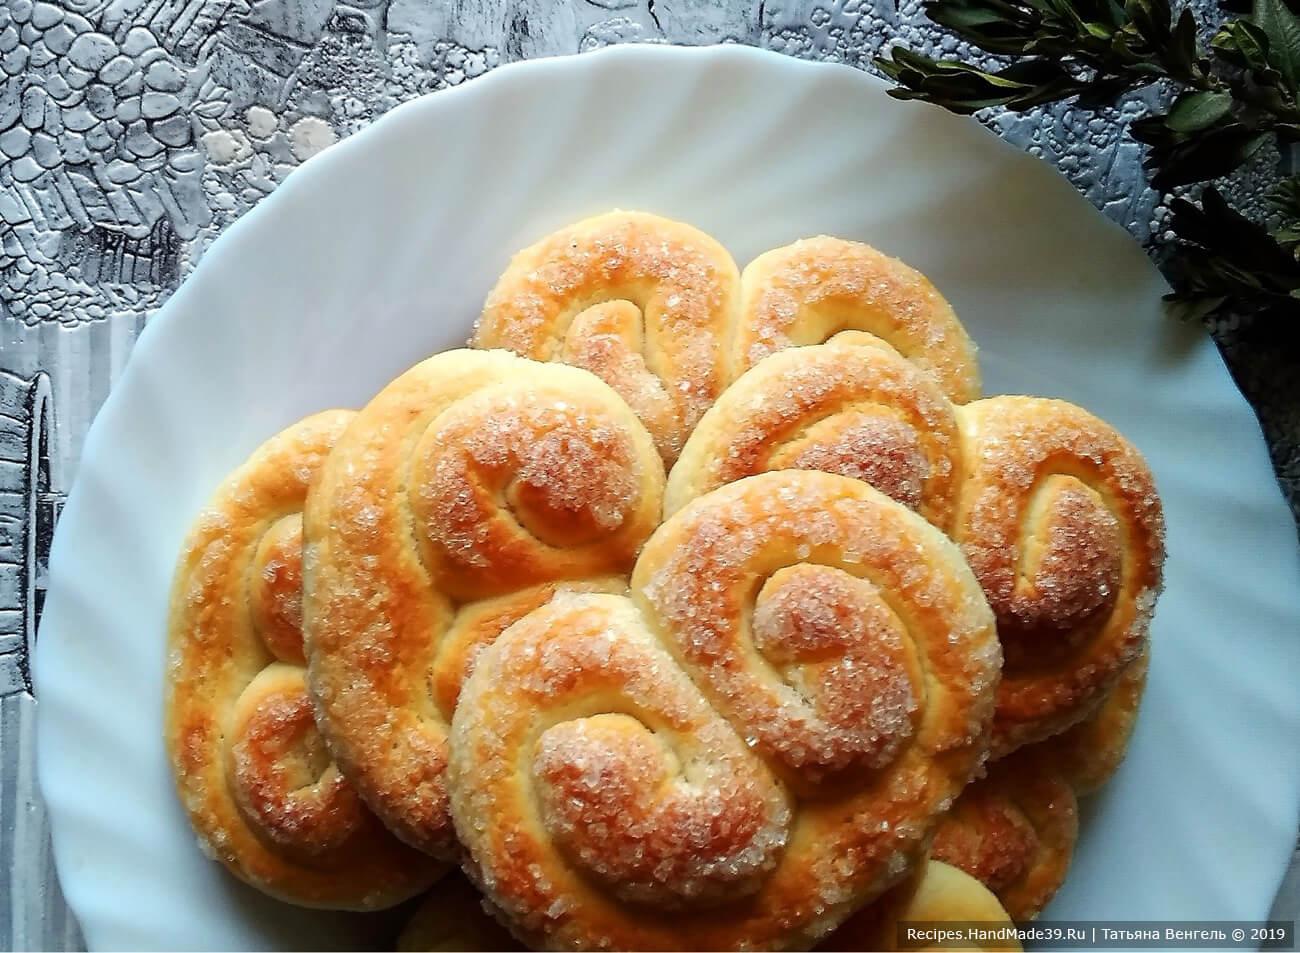 Творожное печенье «Кральки» – пошаговый кулинарный рецепт с фото